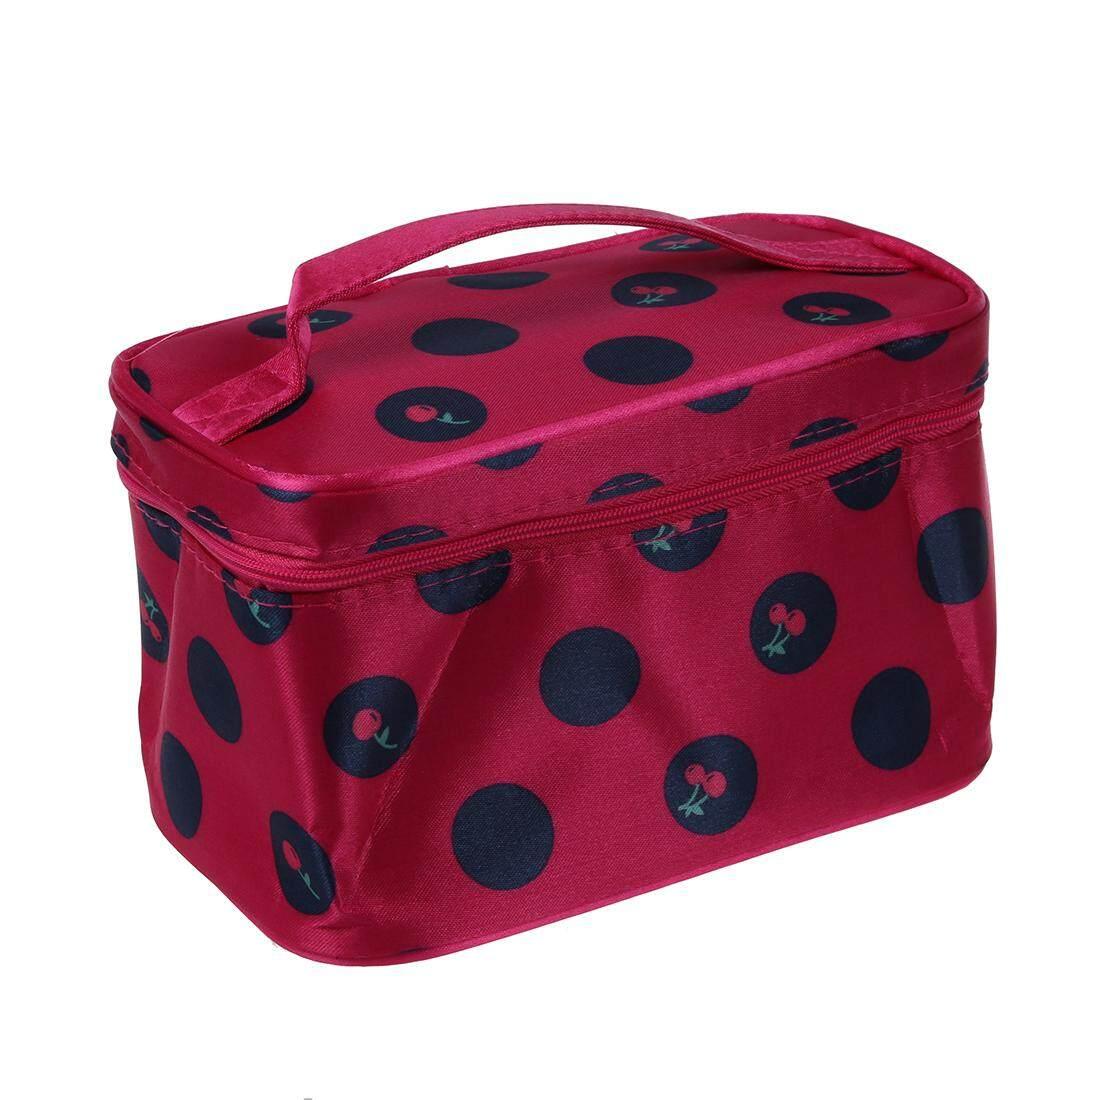 Mawar Merah Titik Besar Tas Makeup Kosmetik Kantong Tas Perlengkapan Mandi Tas Make-Up-Intl